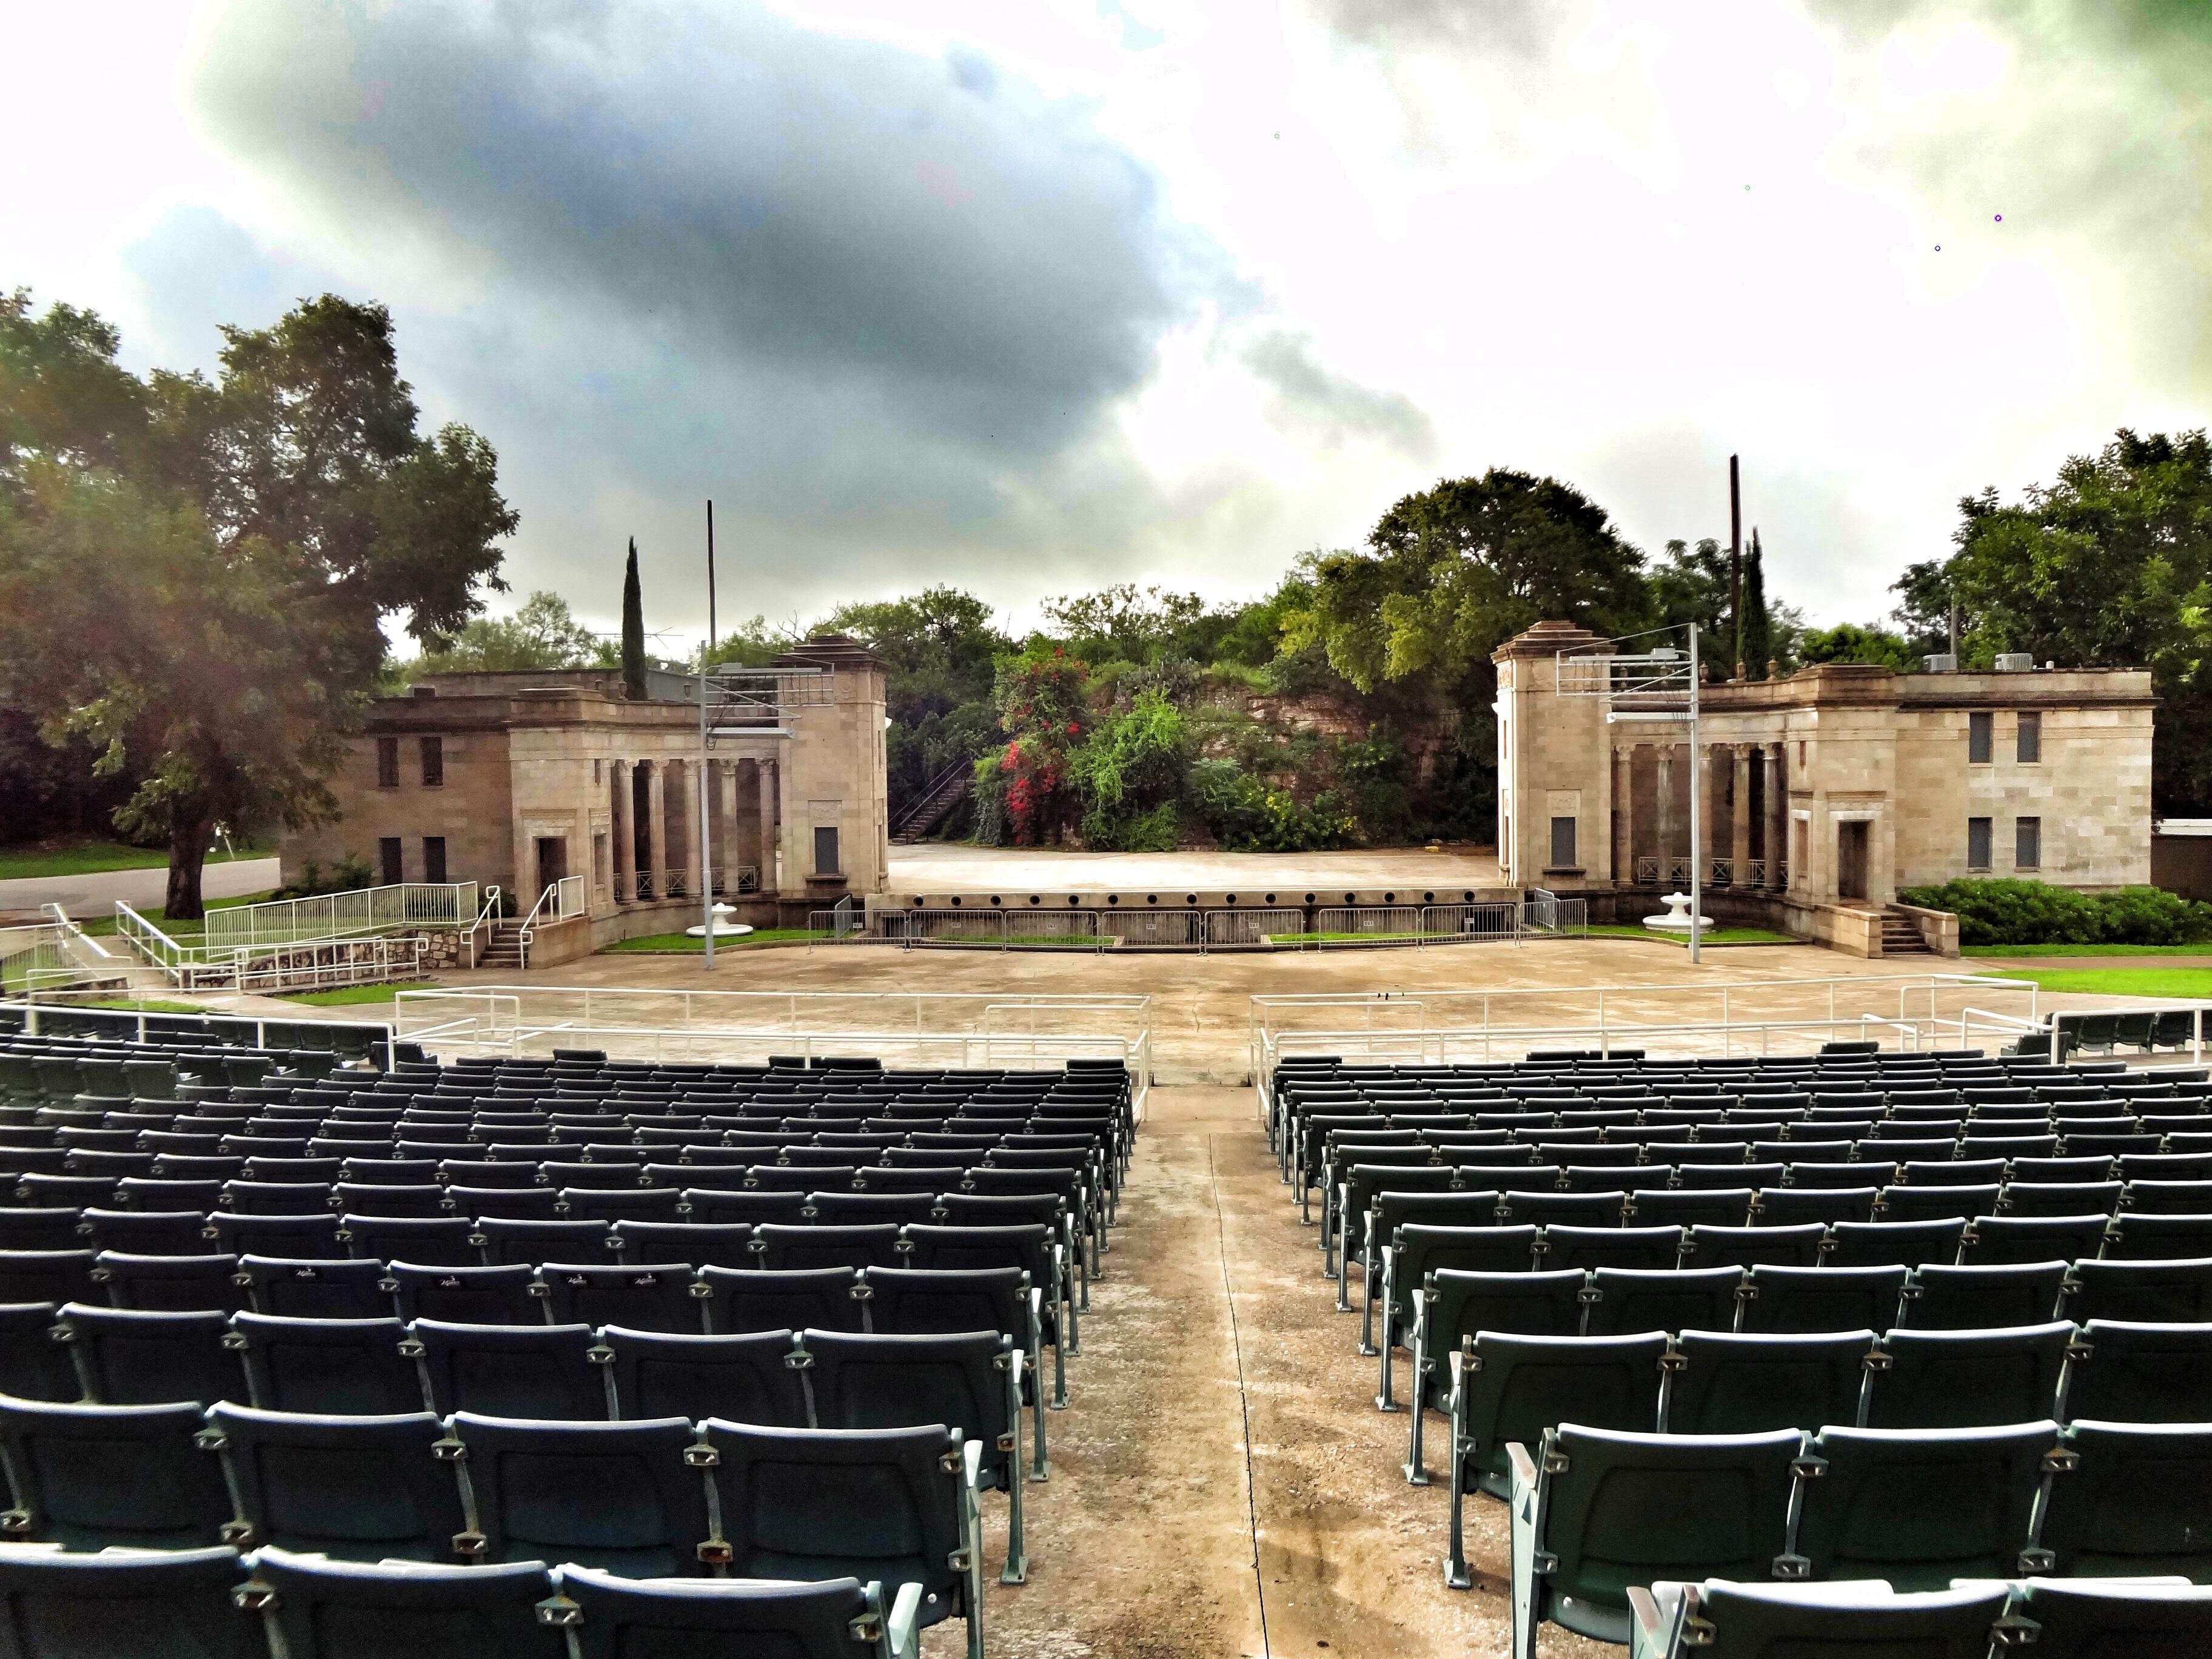 Sunken Garden Theater The City Of San Antonio Official City Website